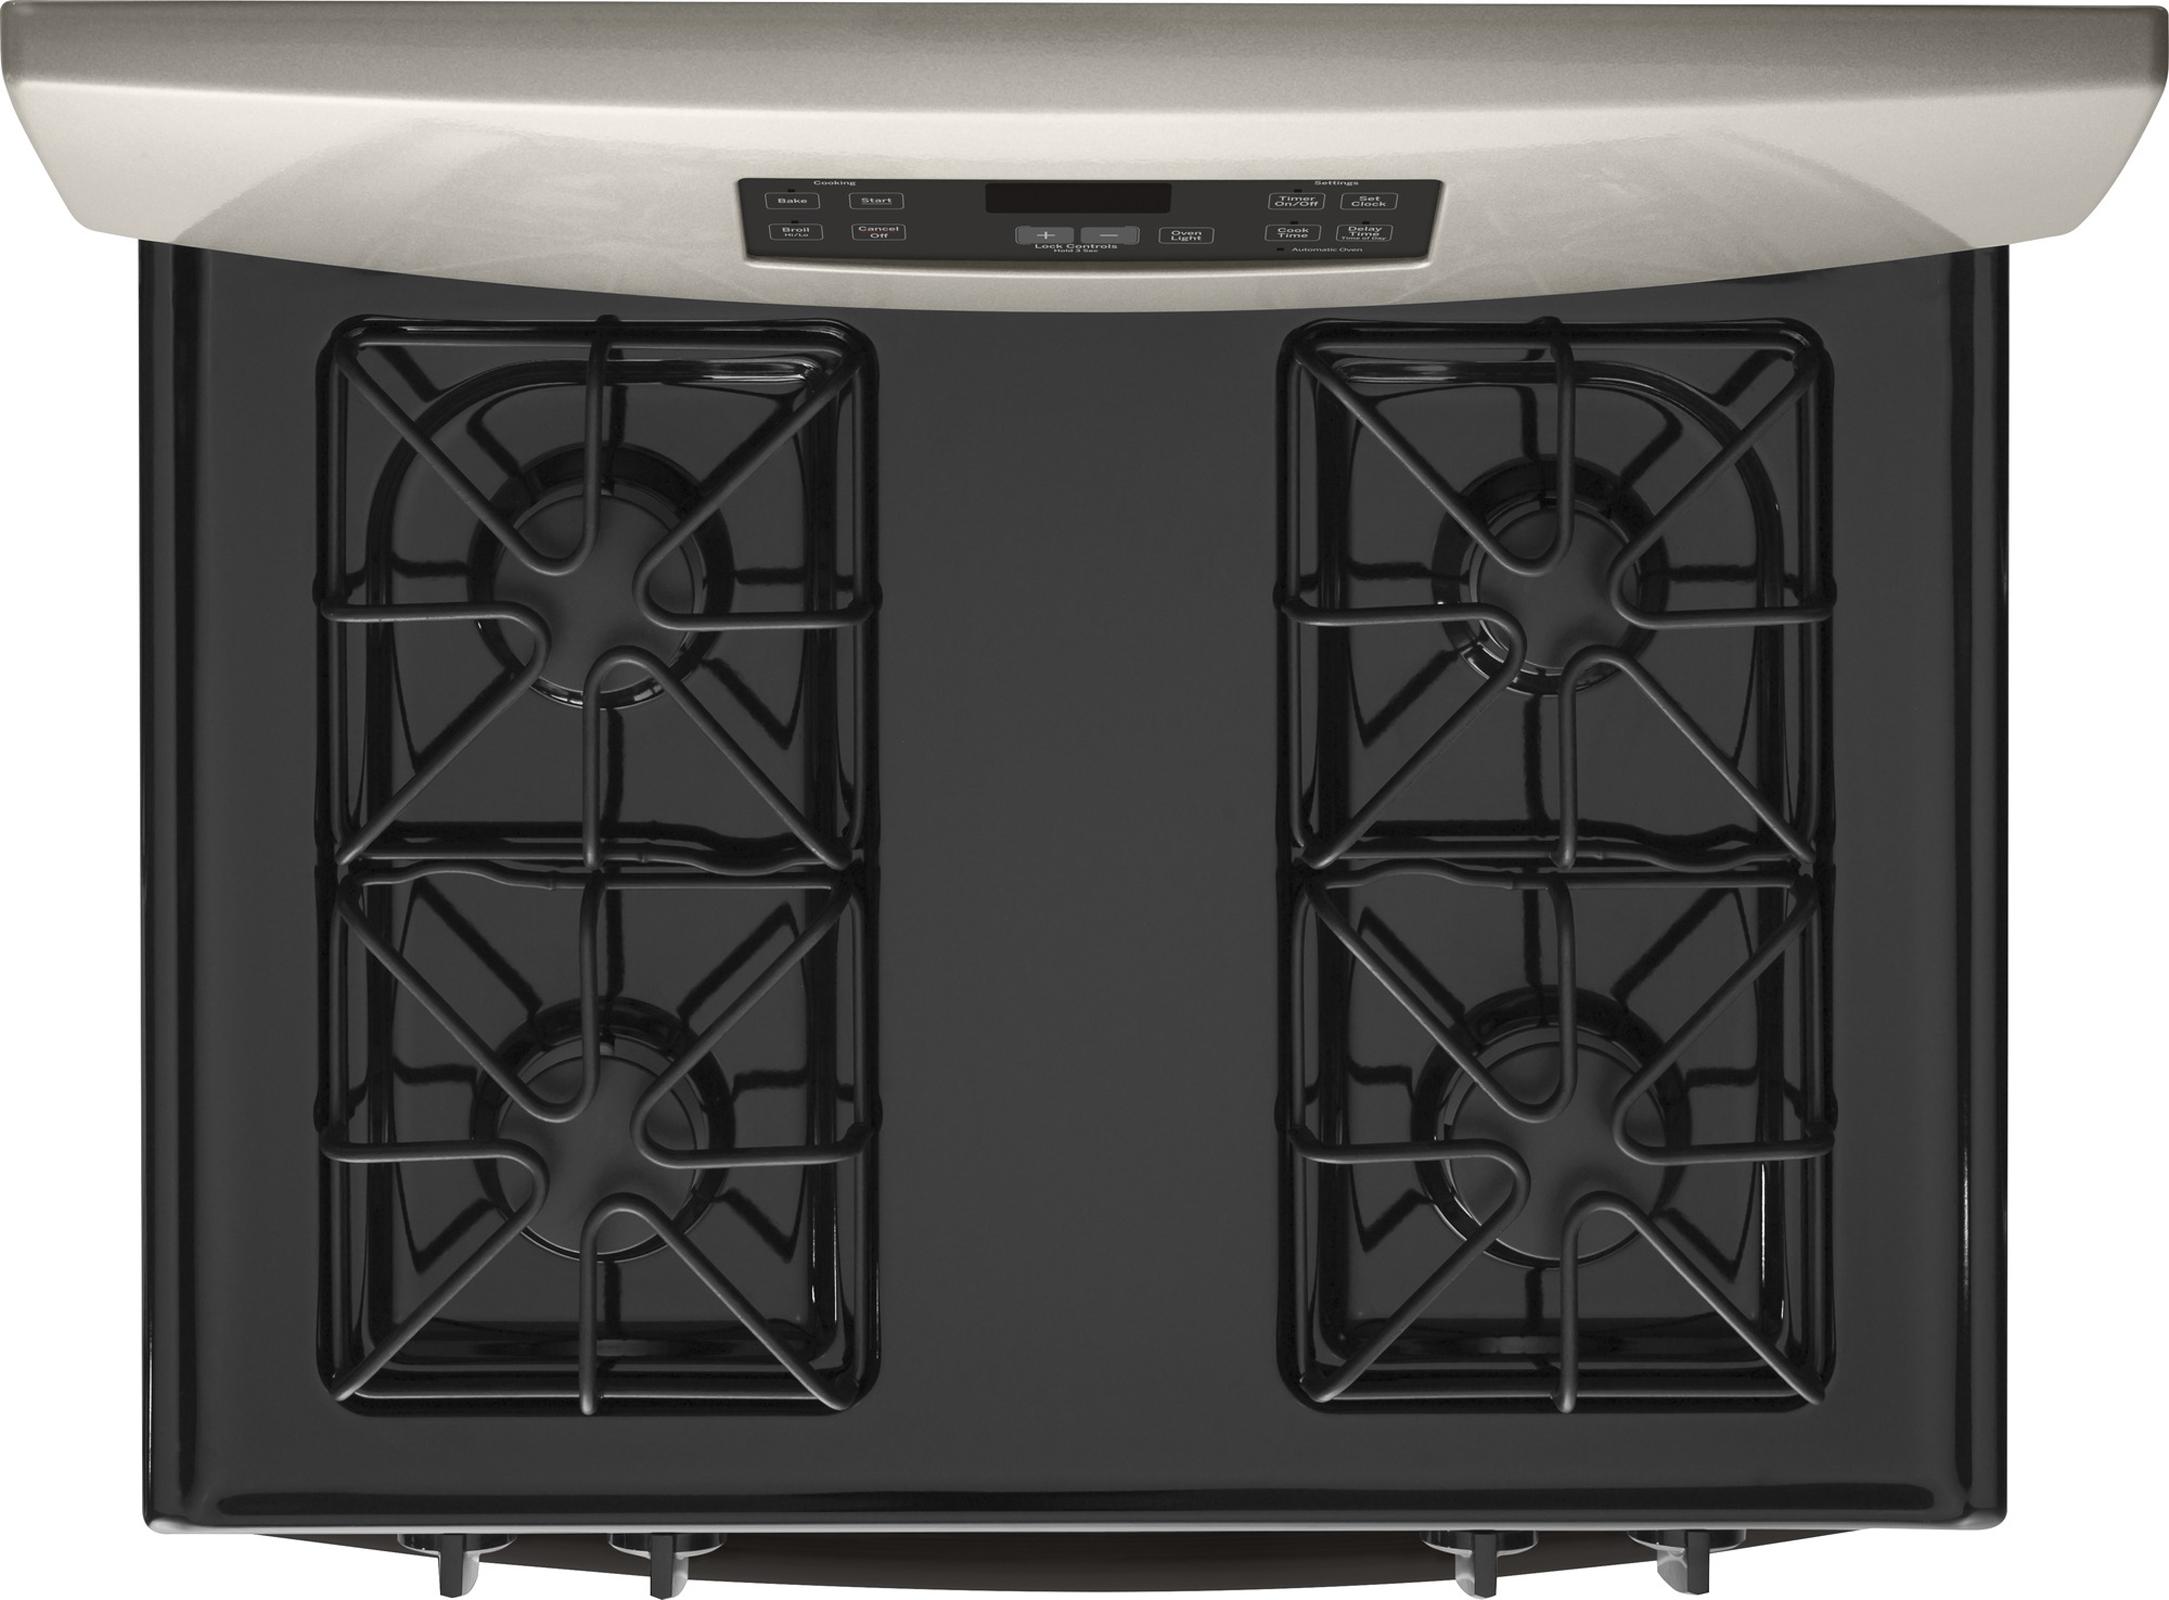 GE Appliances JGBS60GEFSA 4.8 cu. ft. Gas Range - SIlver